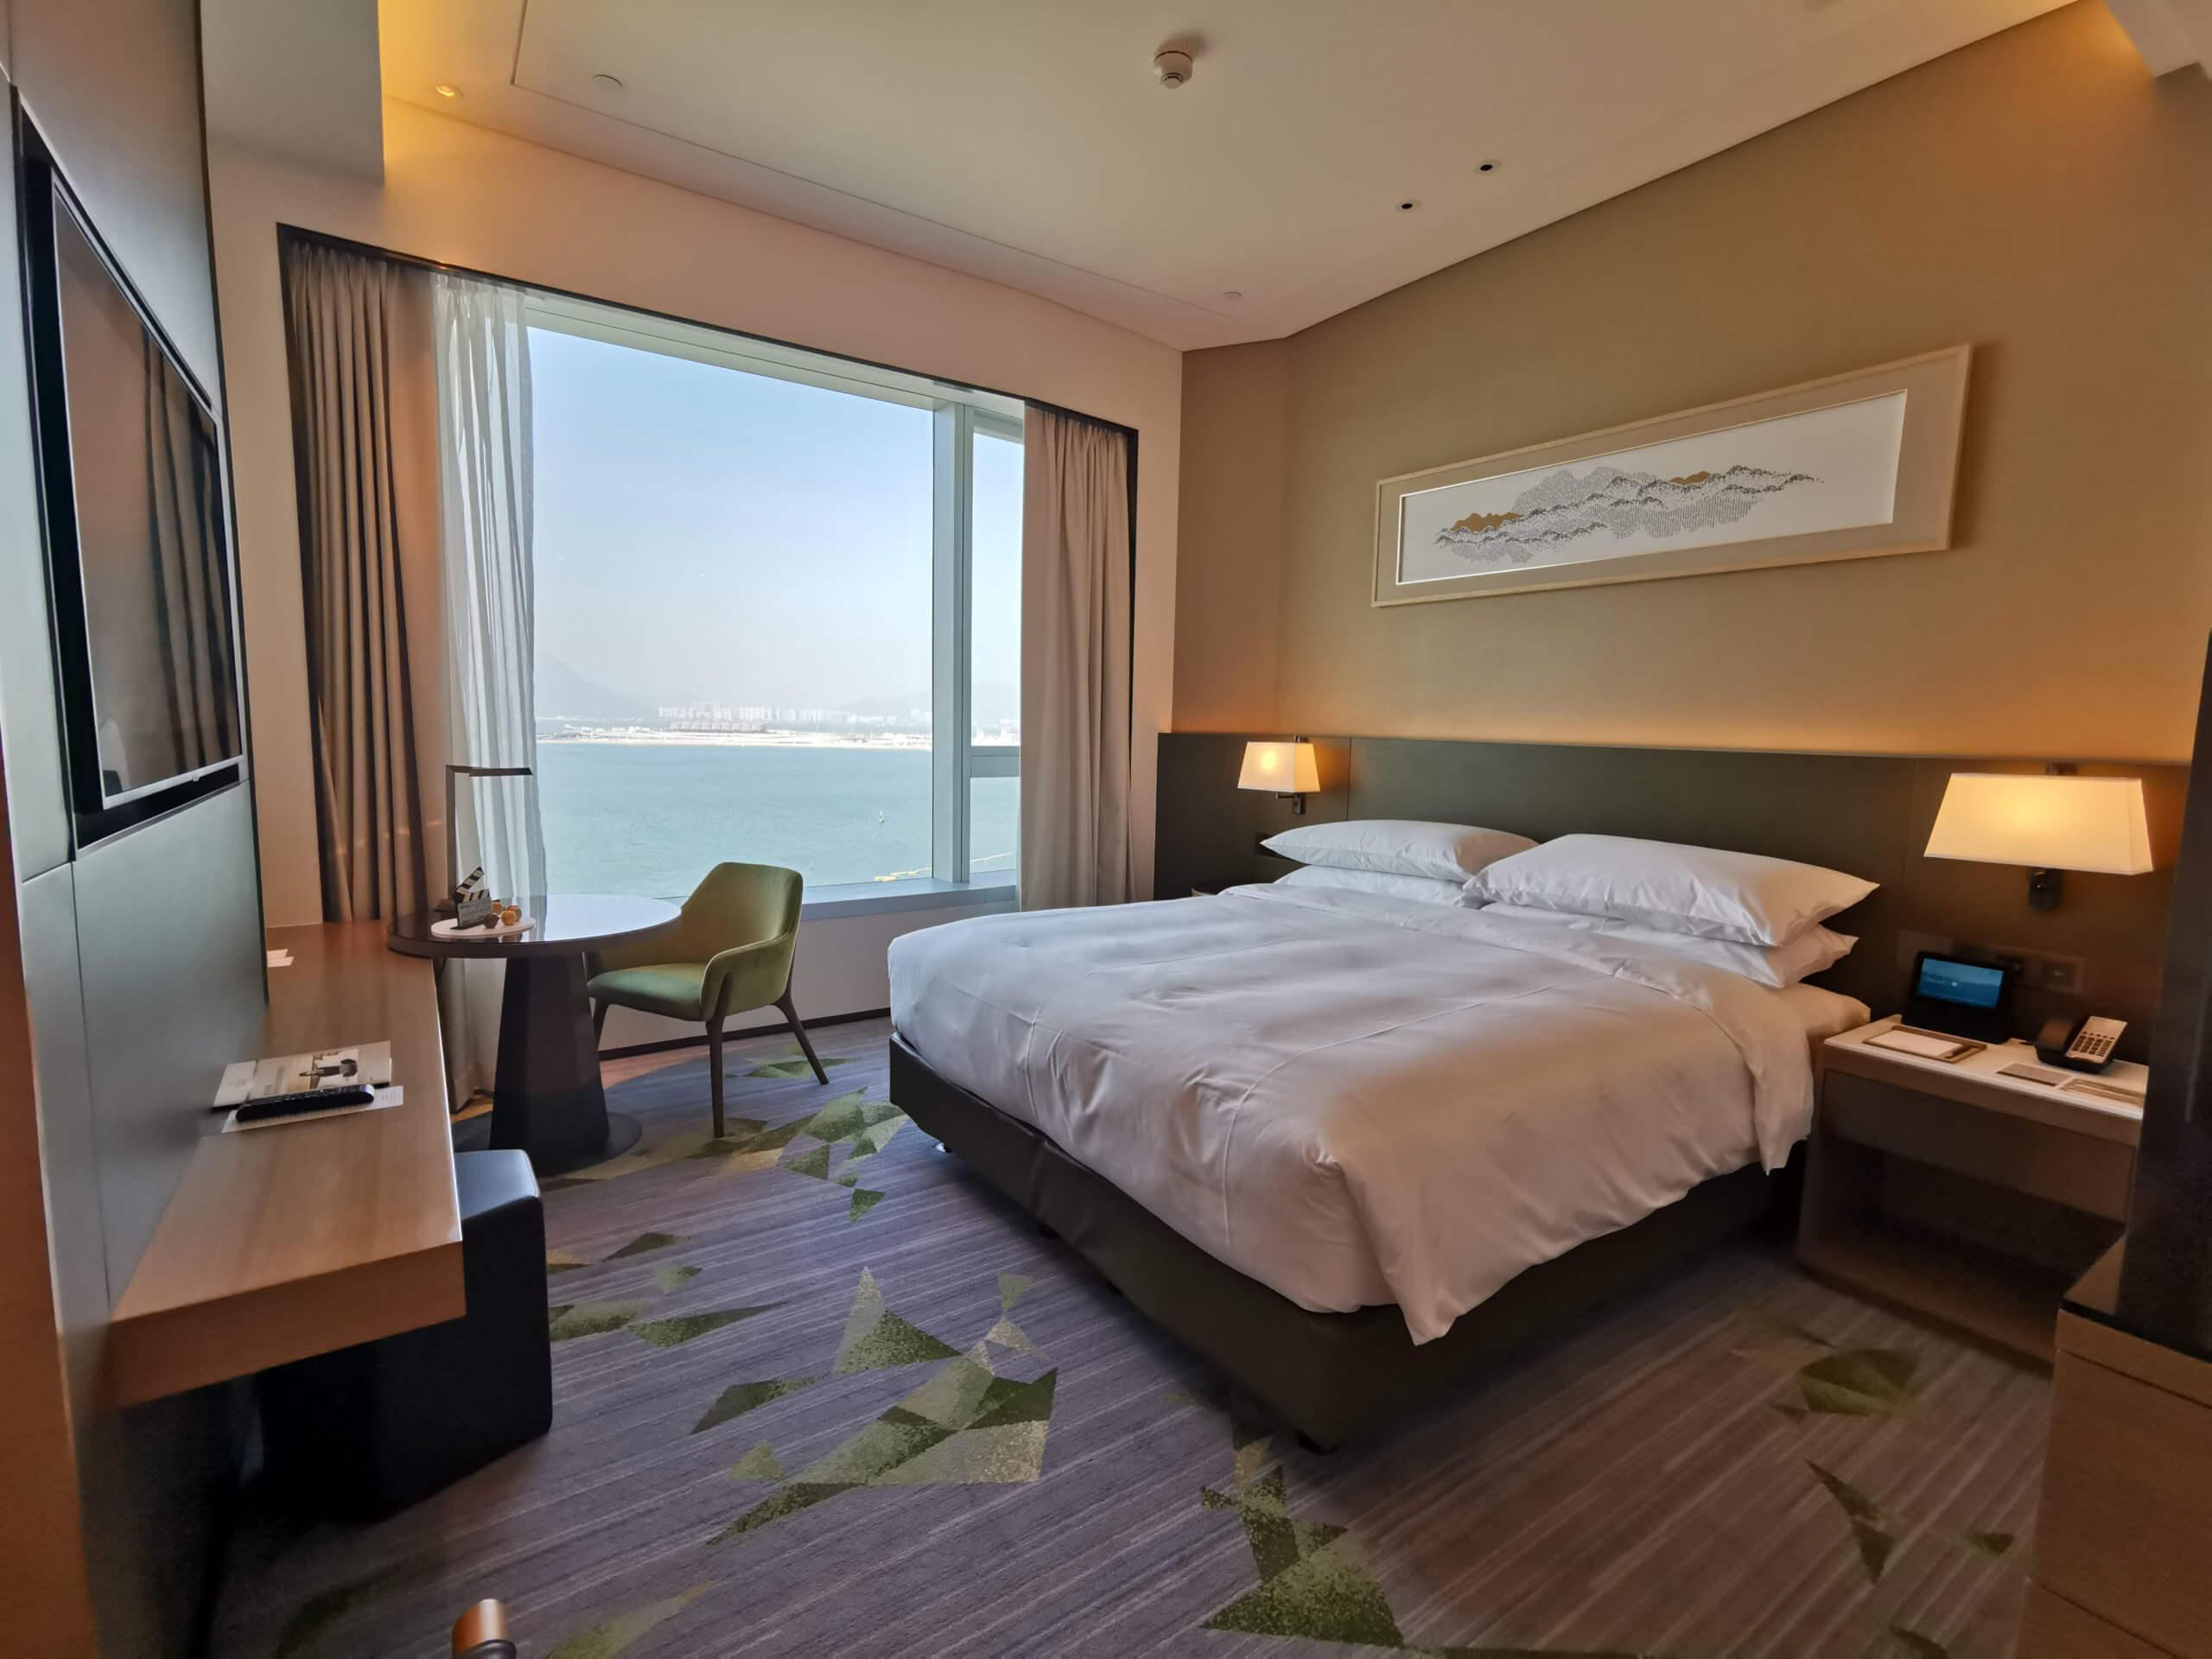 海景套房連廳,窗外可見到大片海景,好舒適!